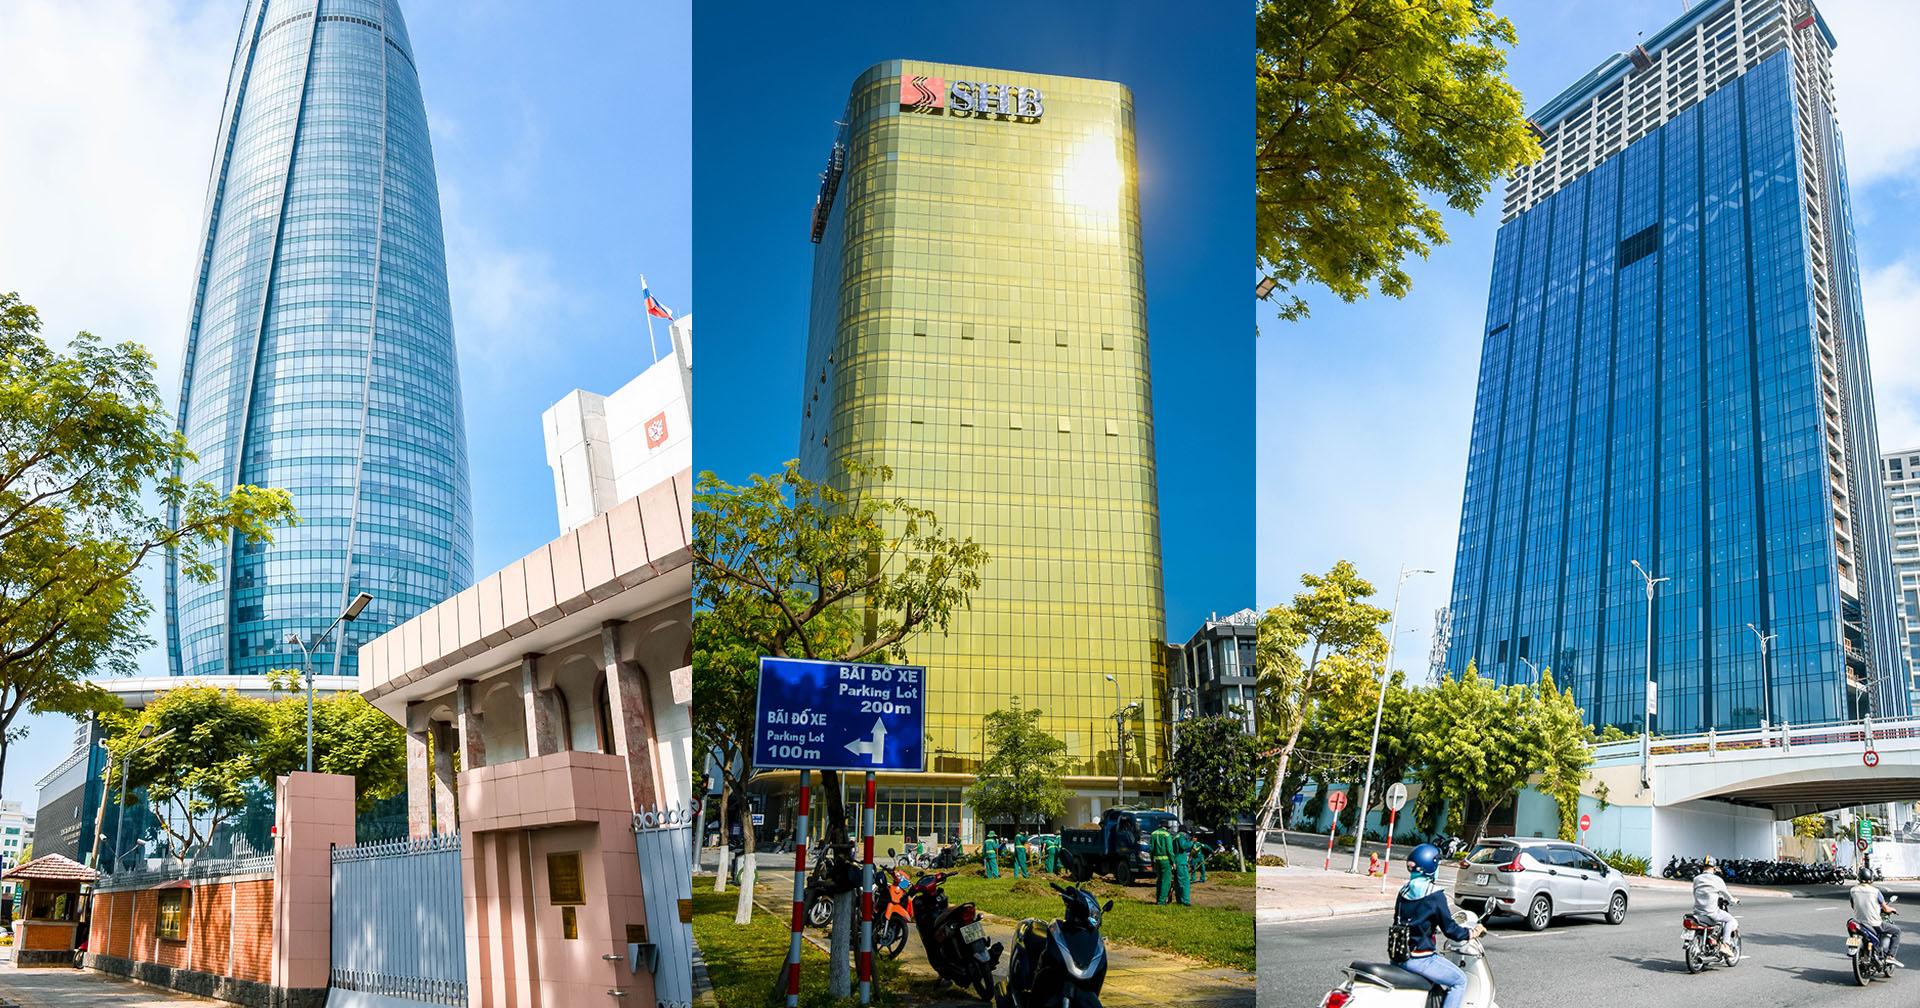 Cận cảnh các tòa nhà ở Đà Nẵng: Khác biệt với tòa nhà 'dát vàng' hắt nắng chói mắt người đi đường